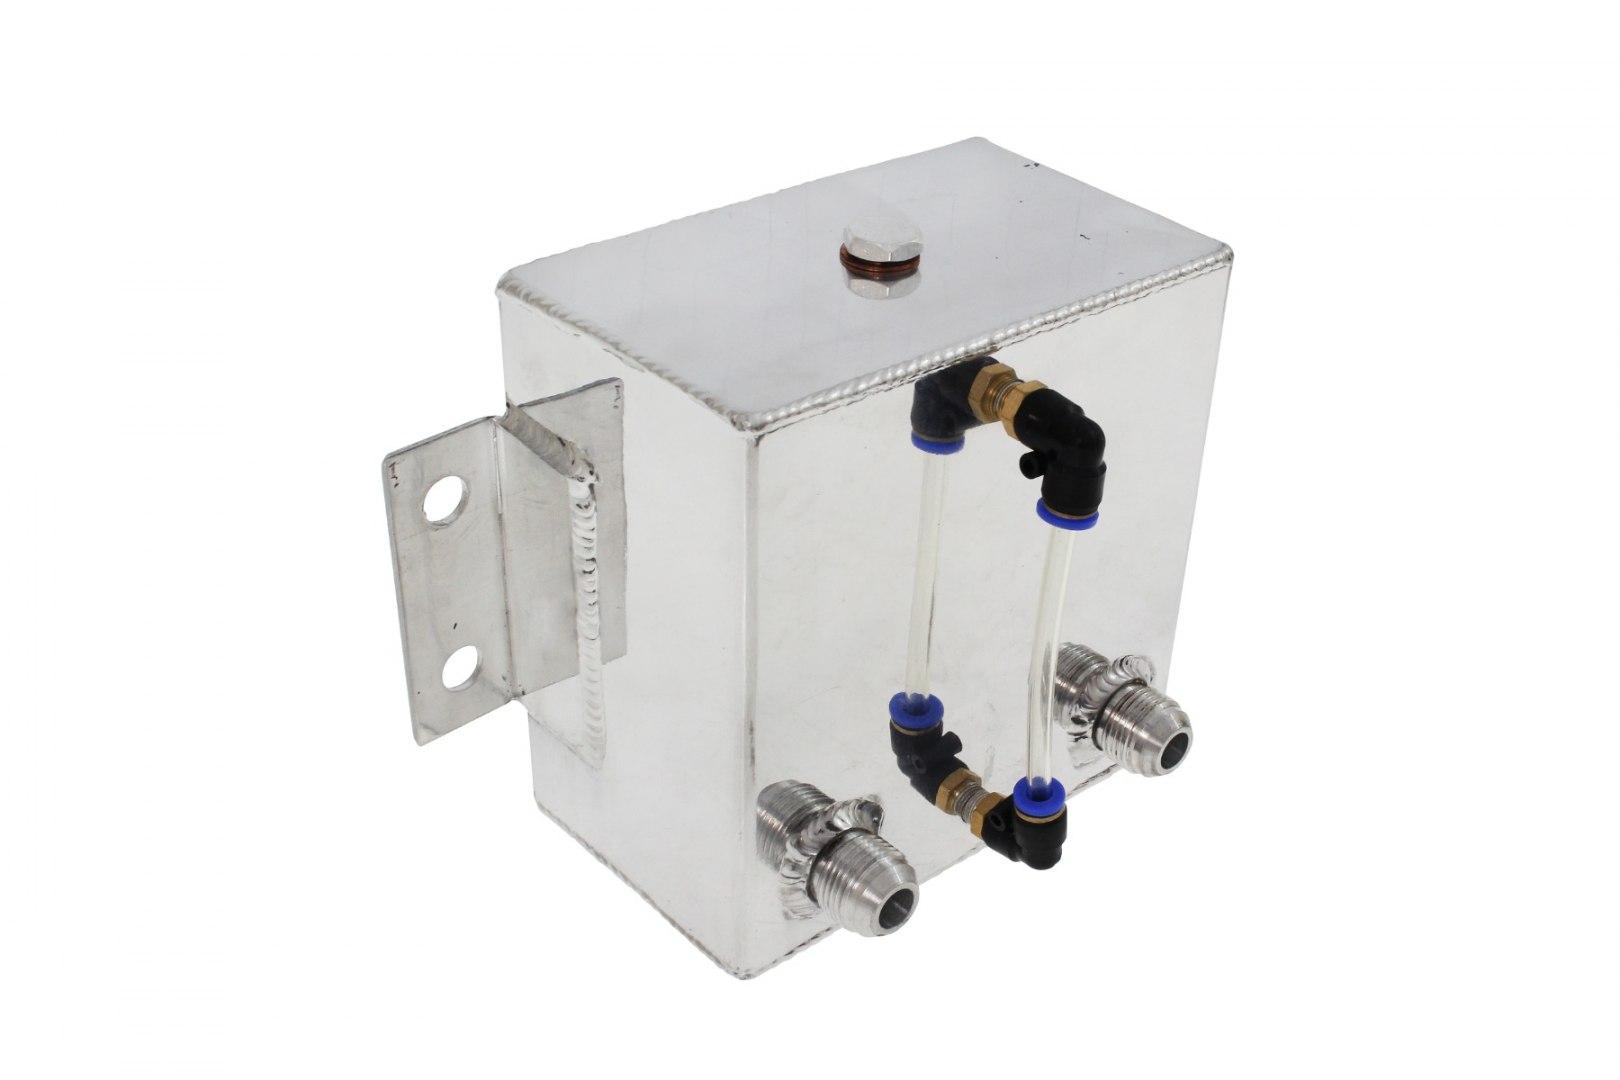 Zbiornik wody płynu chłodniczego uniwersalny 2L TurboWorks - GRUBYGARAGE - Sklep Tuningowy